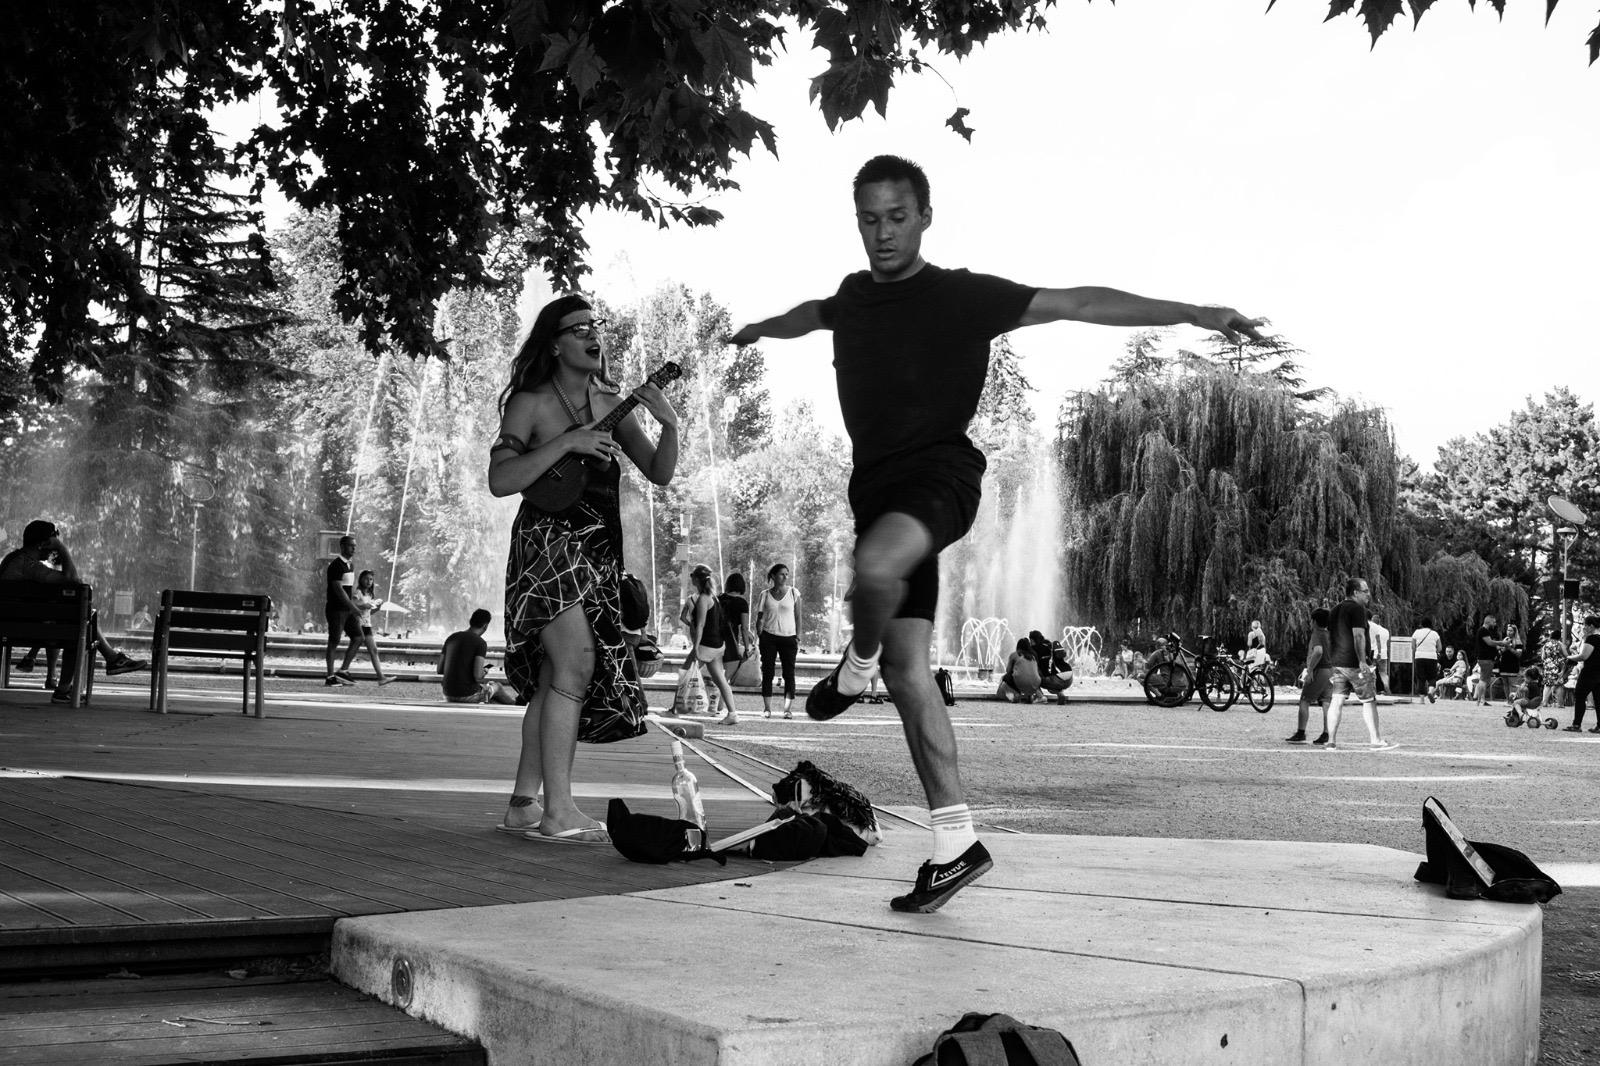 Egresado de la UdeG ha logrado participar en los programas de la compañía Budapest Dance Theater y del gobierno de Hungría